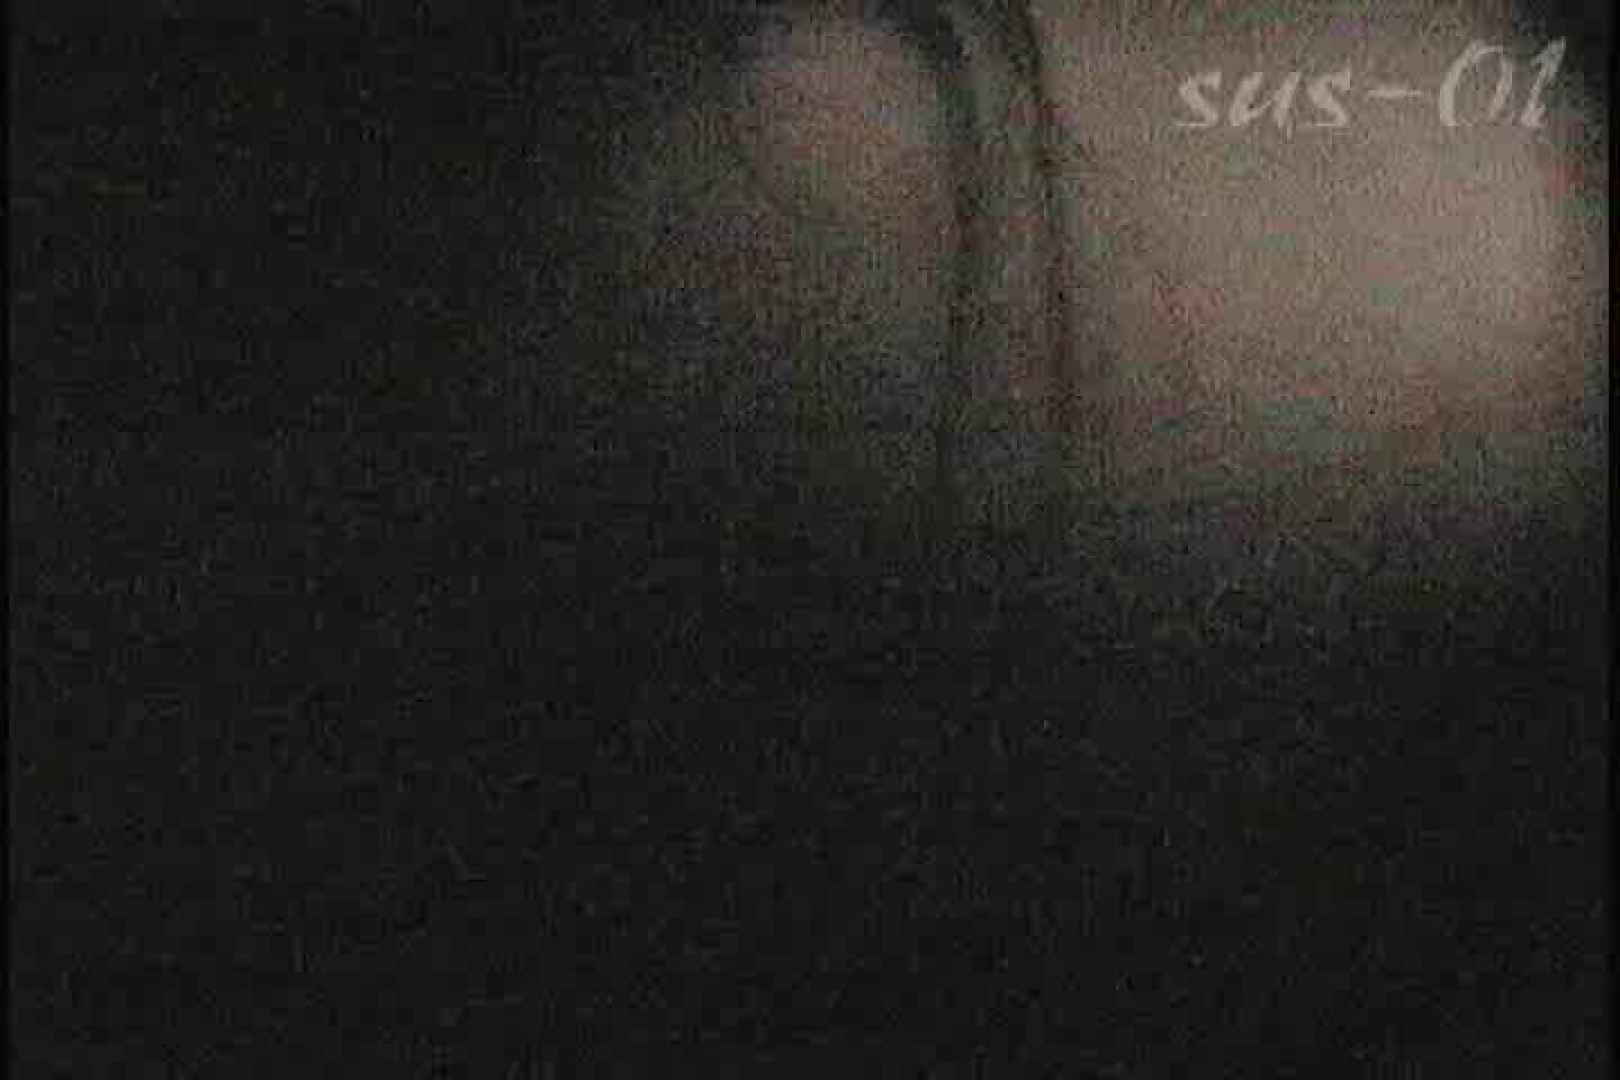 サターンさんのウル技炸裂!!夏乙女★海の家シャワー室絵巻 Vol.01 OL | シャワー中  103連発 84